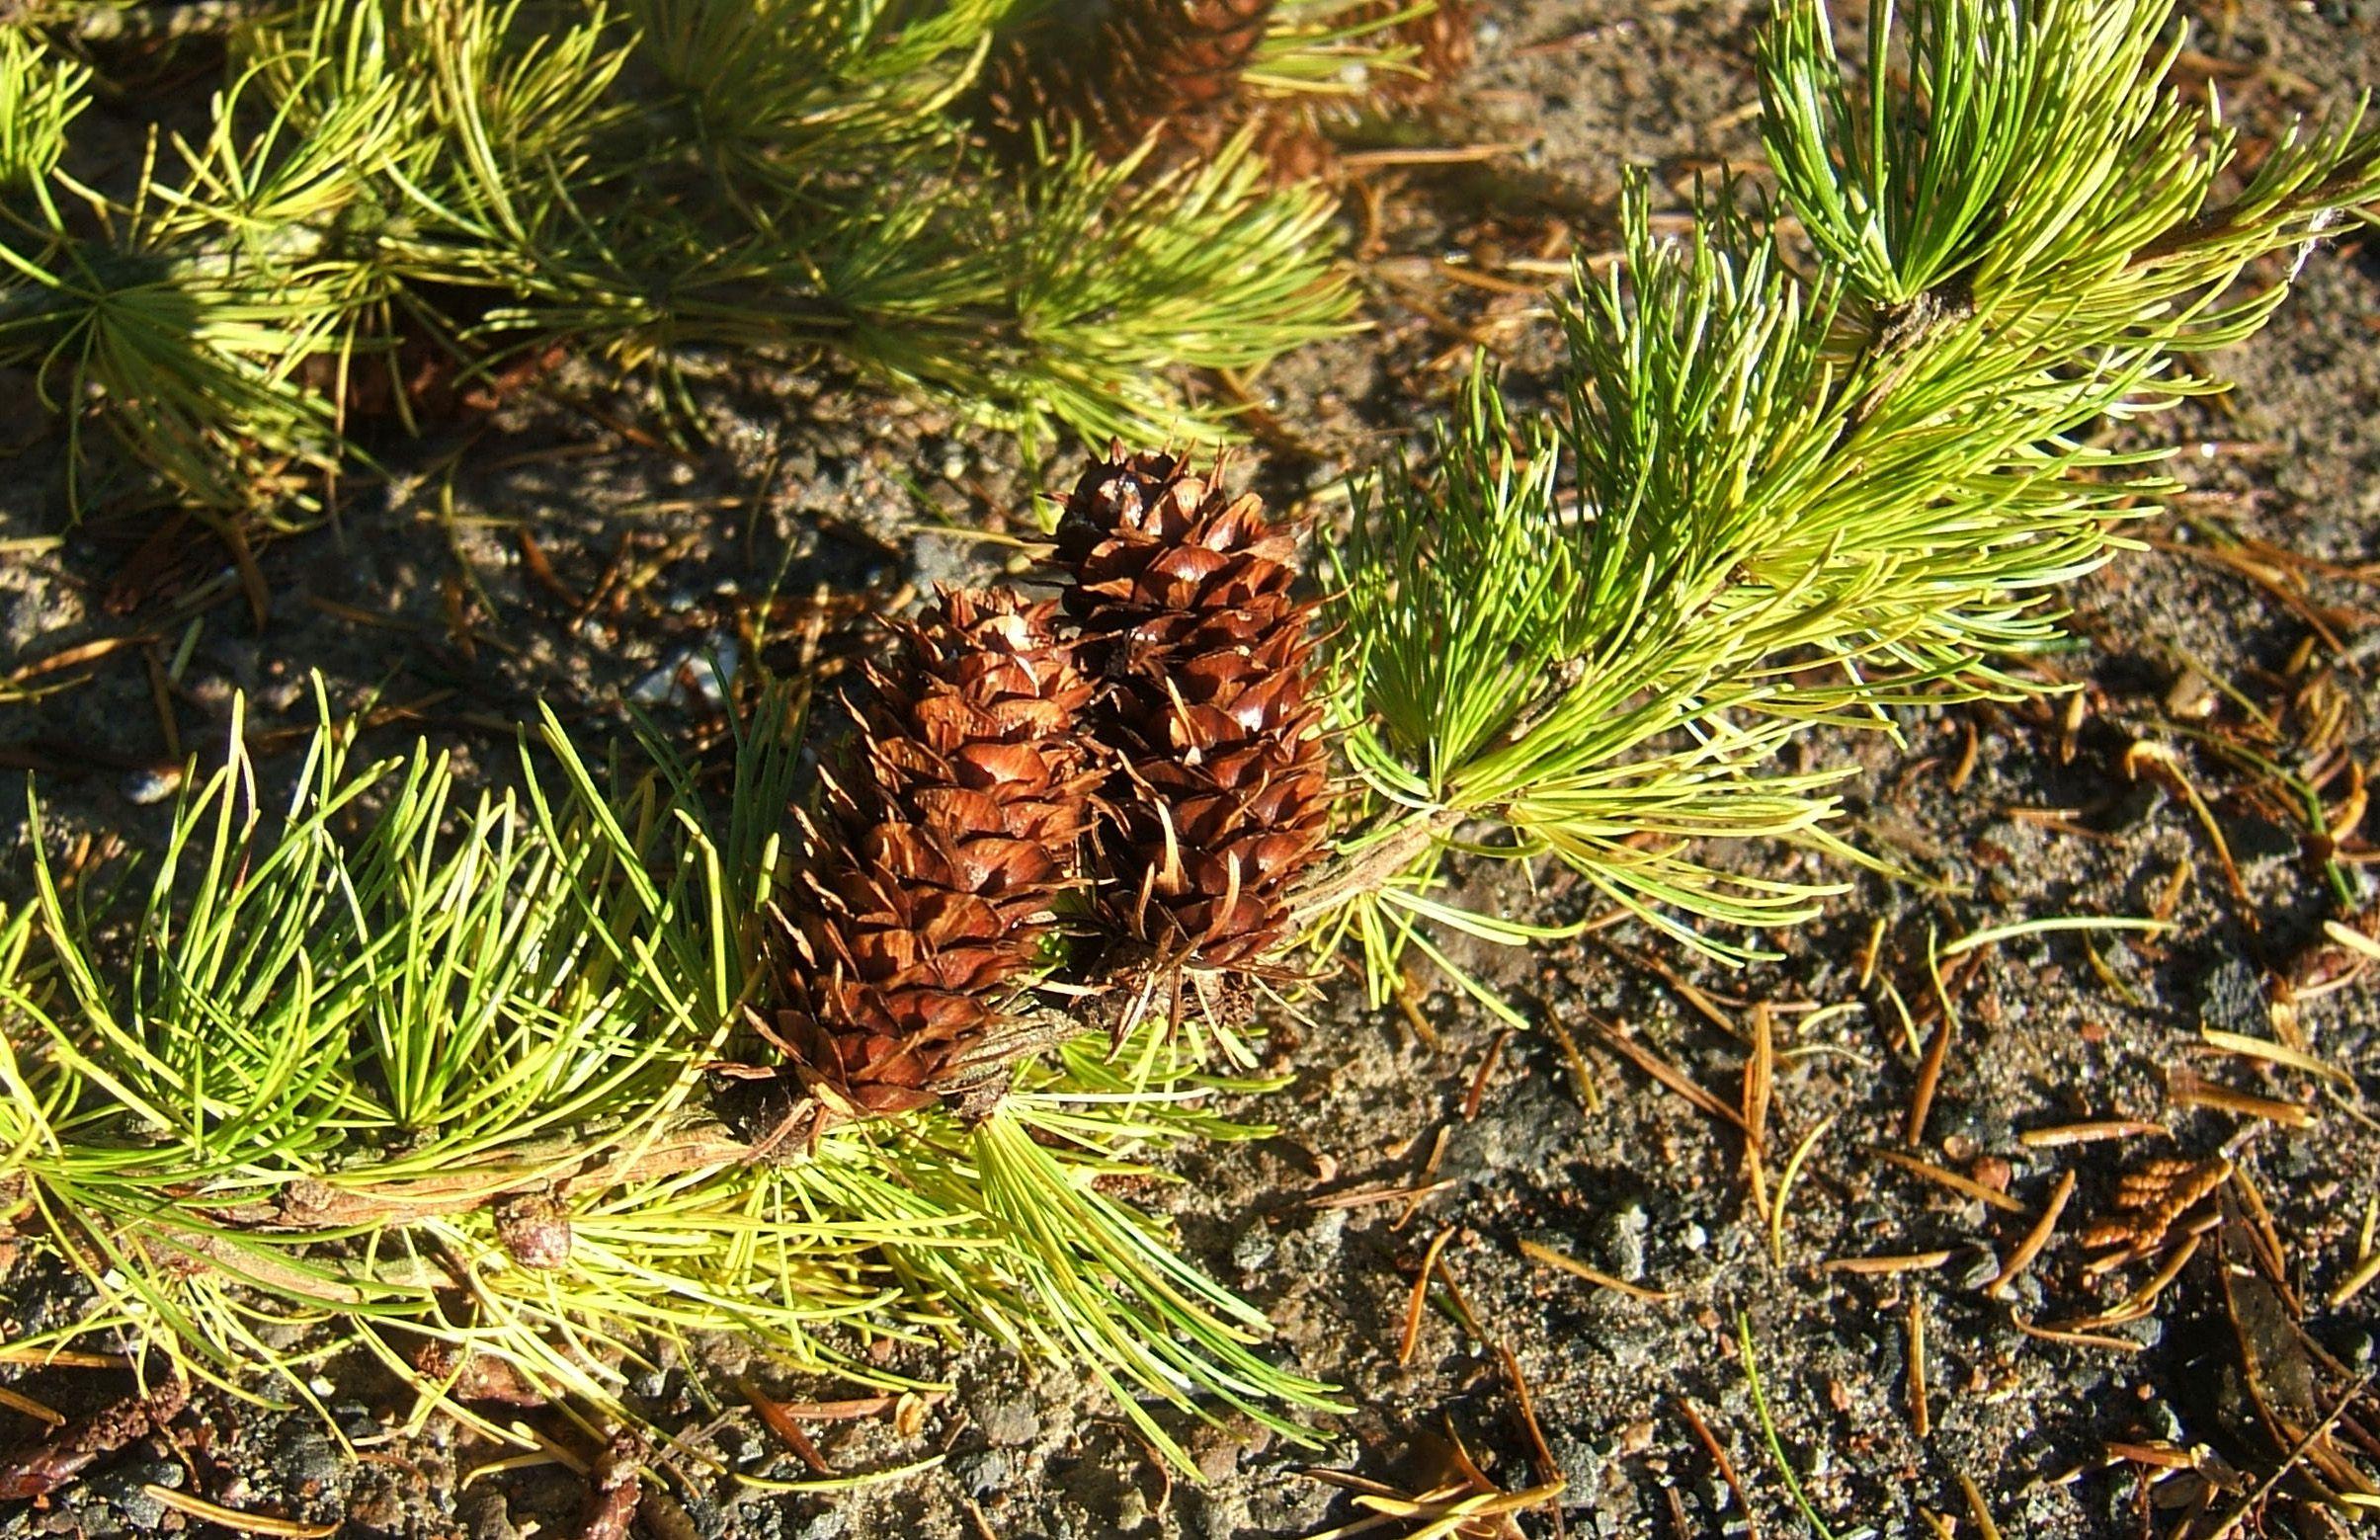 Western larch cones